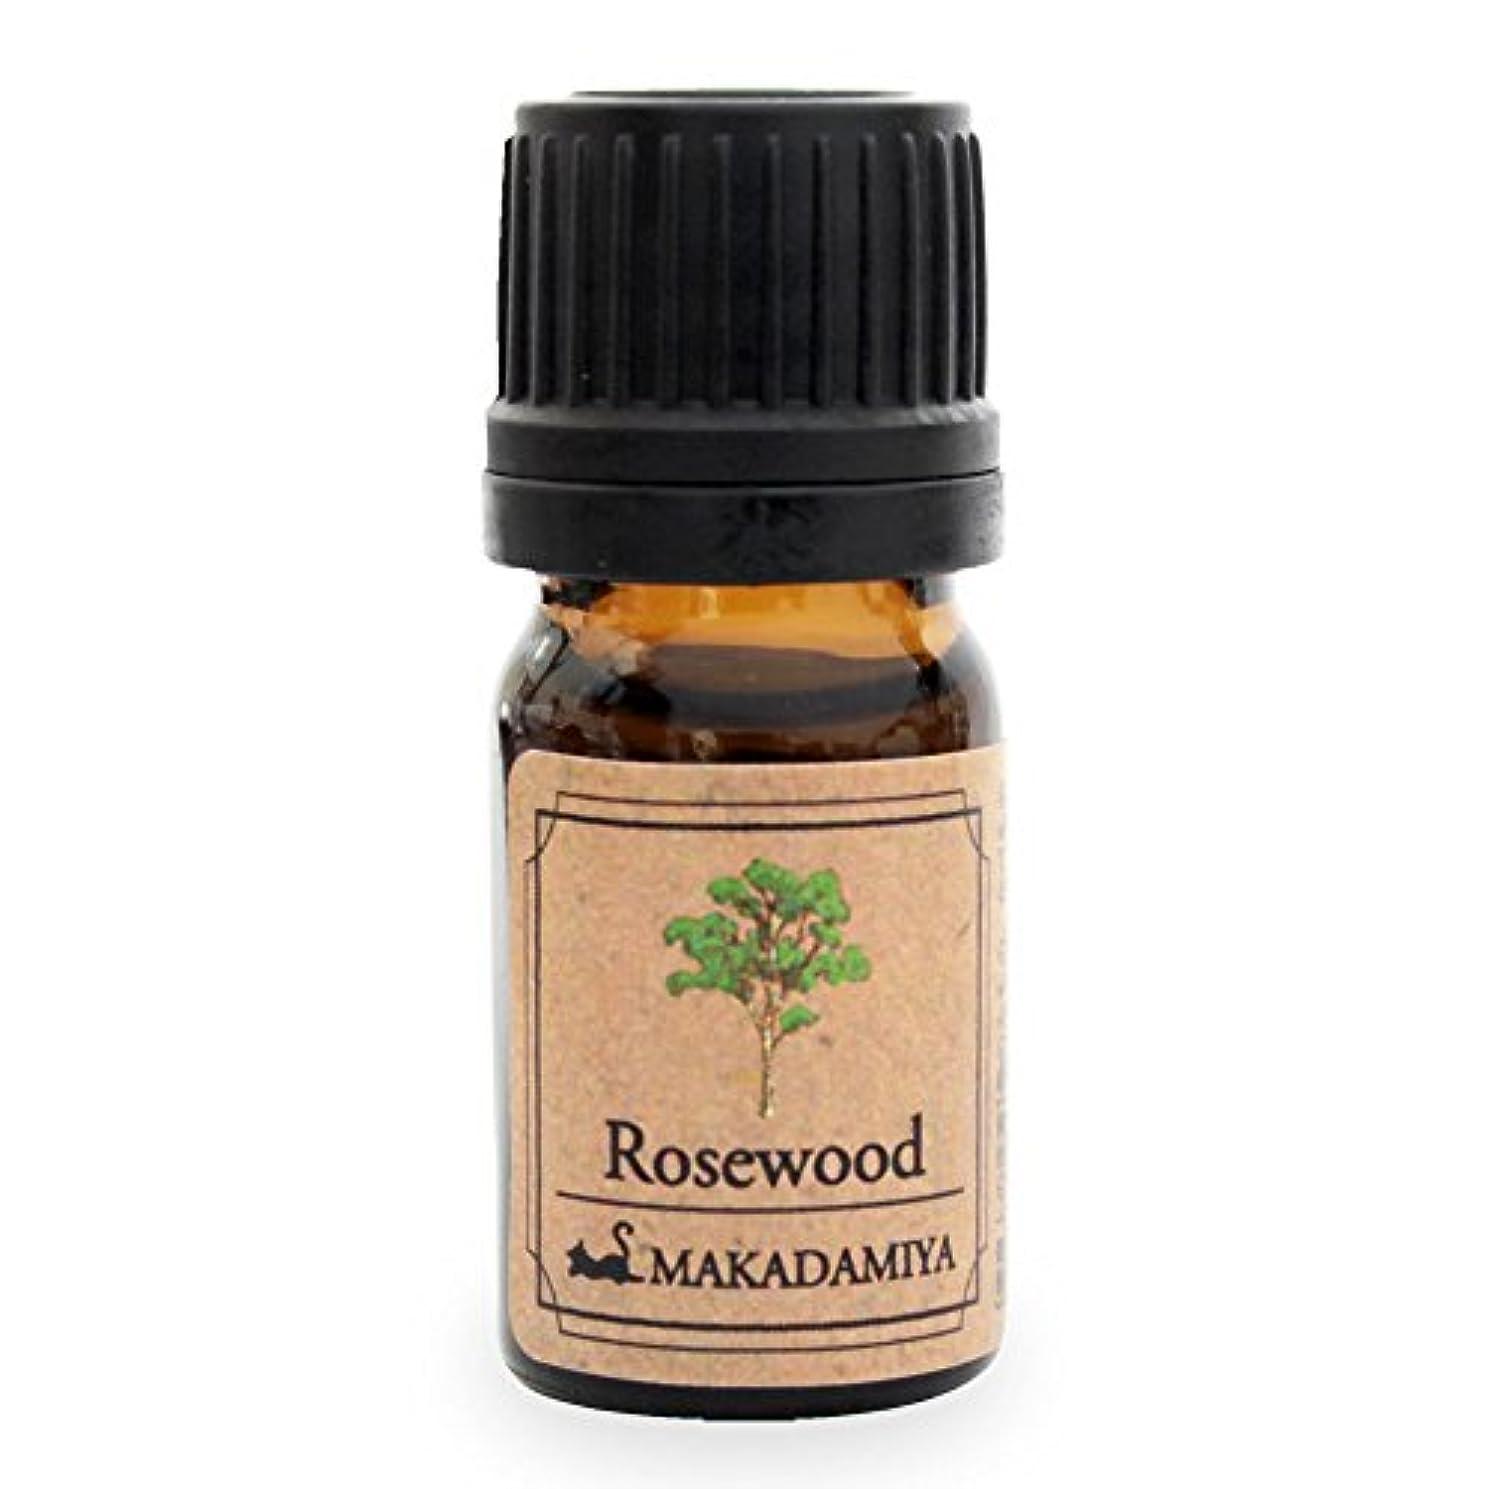 障害肉屋抜け目のないローズウッド5ml 天然100%植物性 エッセンシャルオイル(精油) アロマオイル アロママッサージ aroma Rosewood